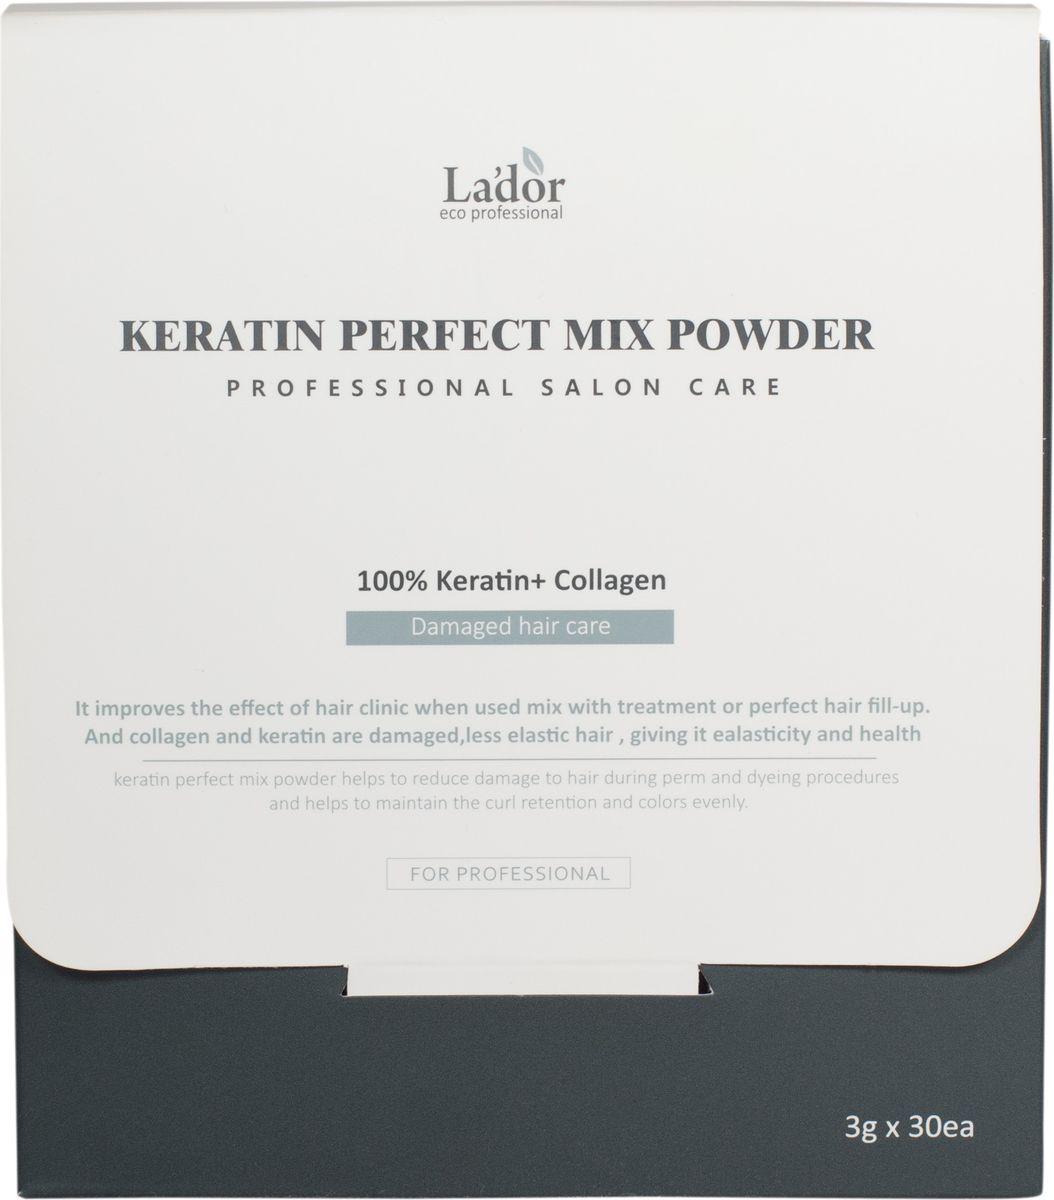 Lador Keratin Mix Powder Маска-порошок для волос 3 гр x 10 шт8809087157216Сухая порошковая маска для волос, состоящая из измельчённого коллагена и кератина, эффективно восстанавливает волосы, улучшает их внешний вид, придает гладкость и блеск. Создает защитную пленочку, которая удерживает влагу и тем самым придает волосам эластичность, делает волосы более послушными, защищает и облегчает расчесывание.